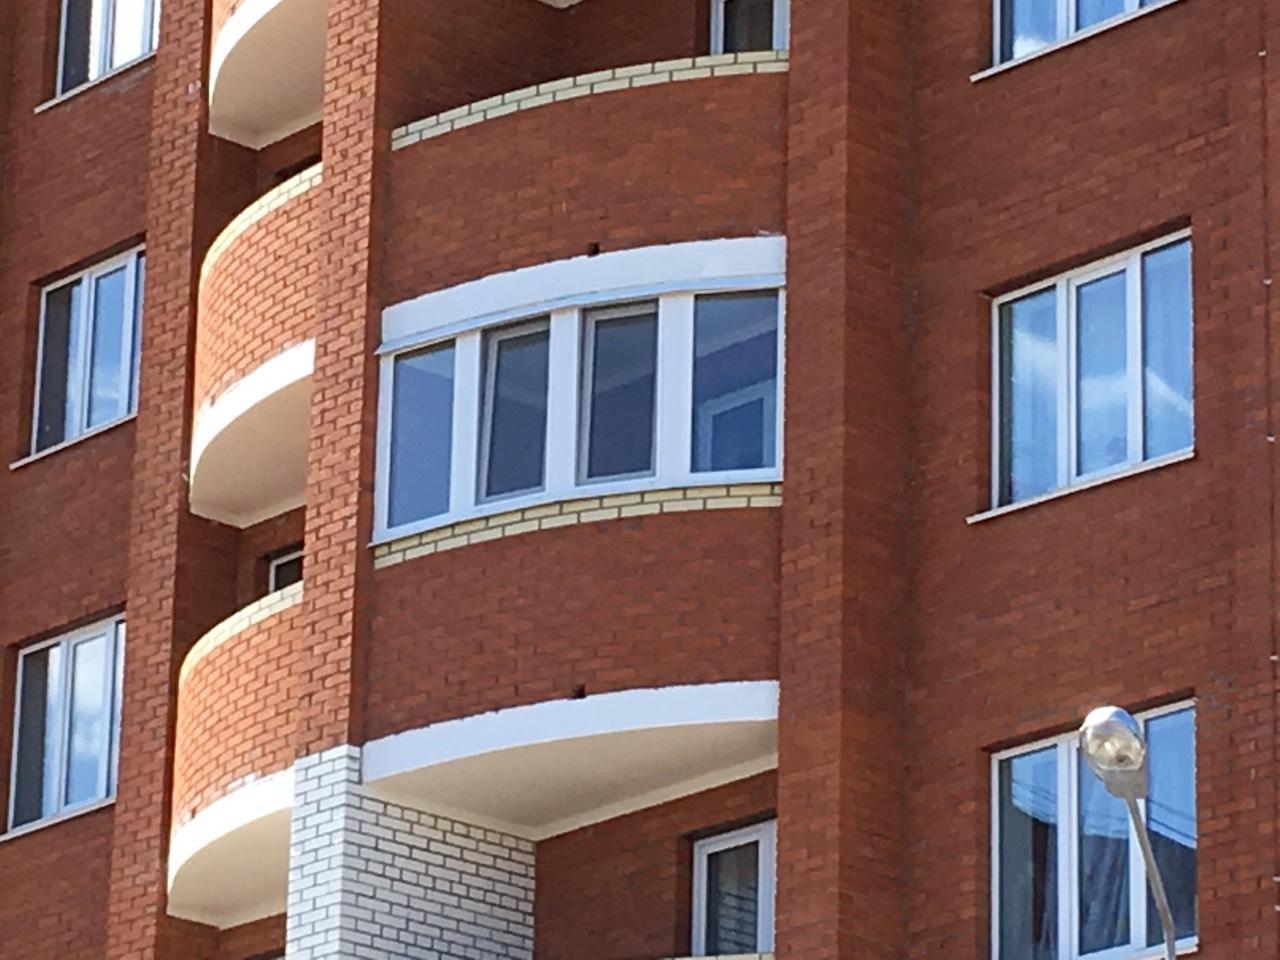 Остекление полукруглого балкона в однокамерный стеклопакет. Примерная стоимость 21 тыс руб